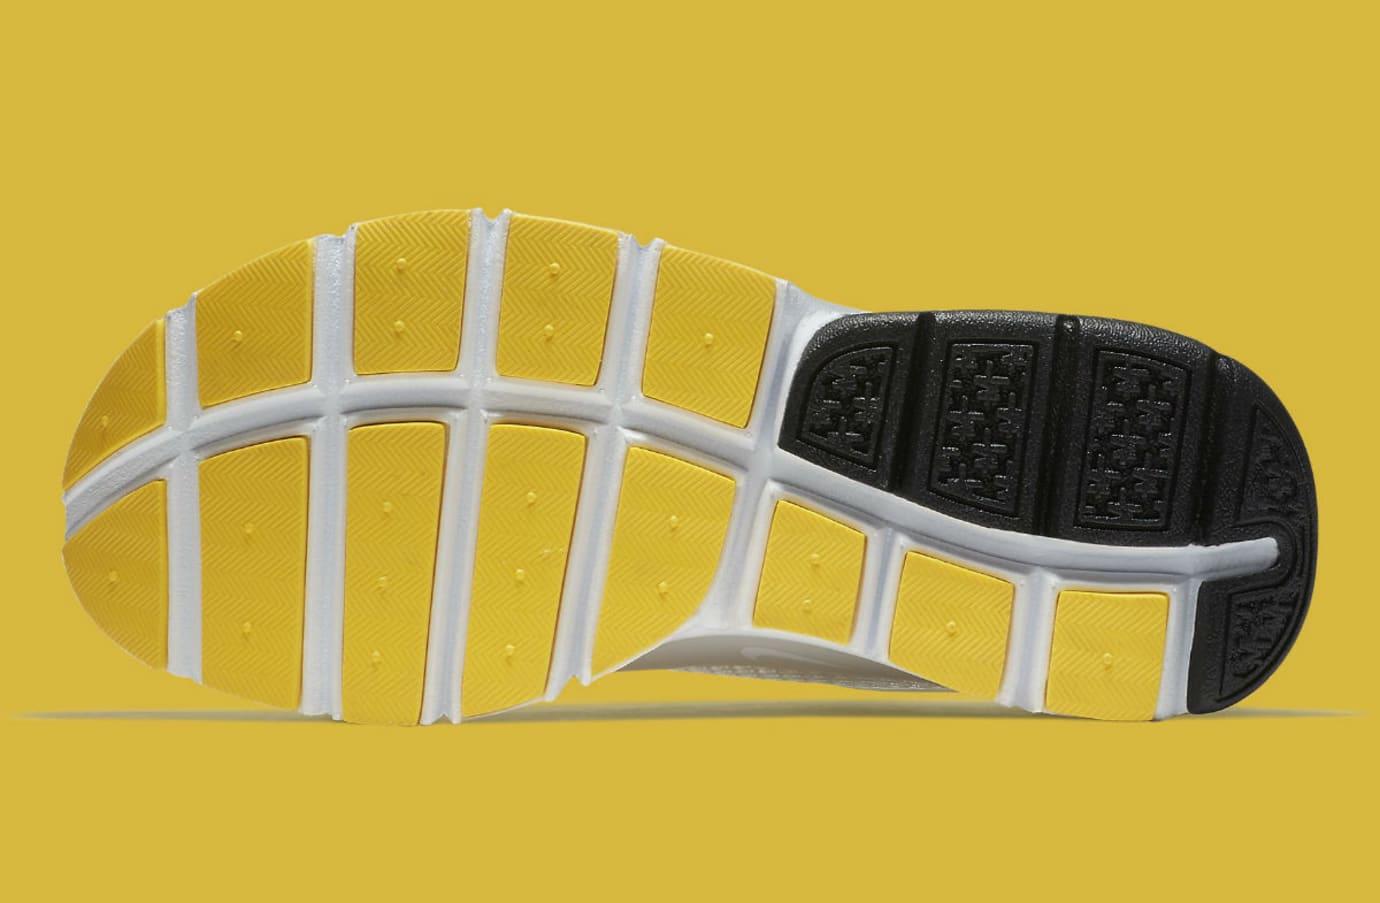 Nike Women's N7 Sock Dart Release Date Sole 908659-817